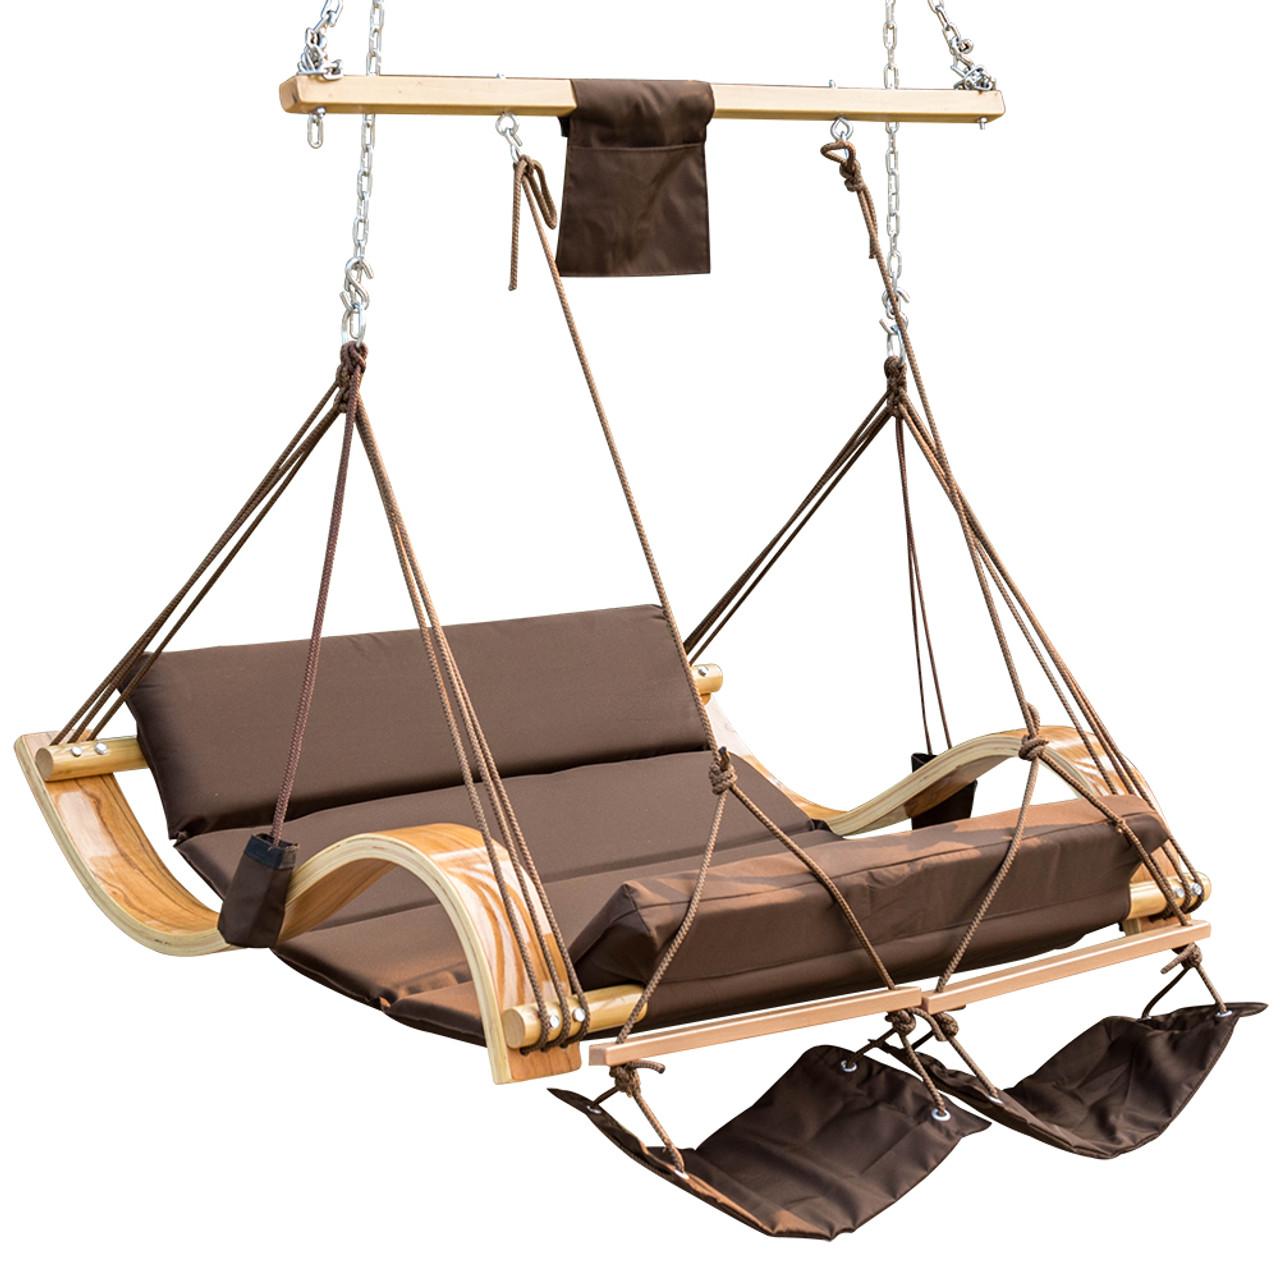 Patio Garden Outdoor Deluxe Oversized Double Hanging Hammock Lounger